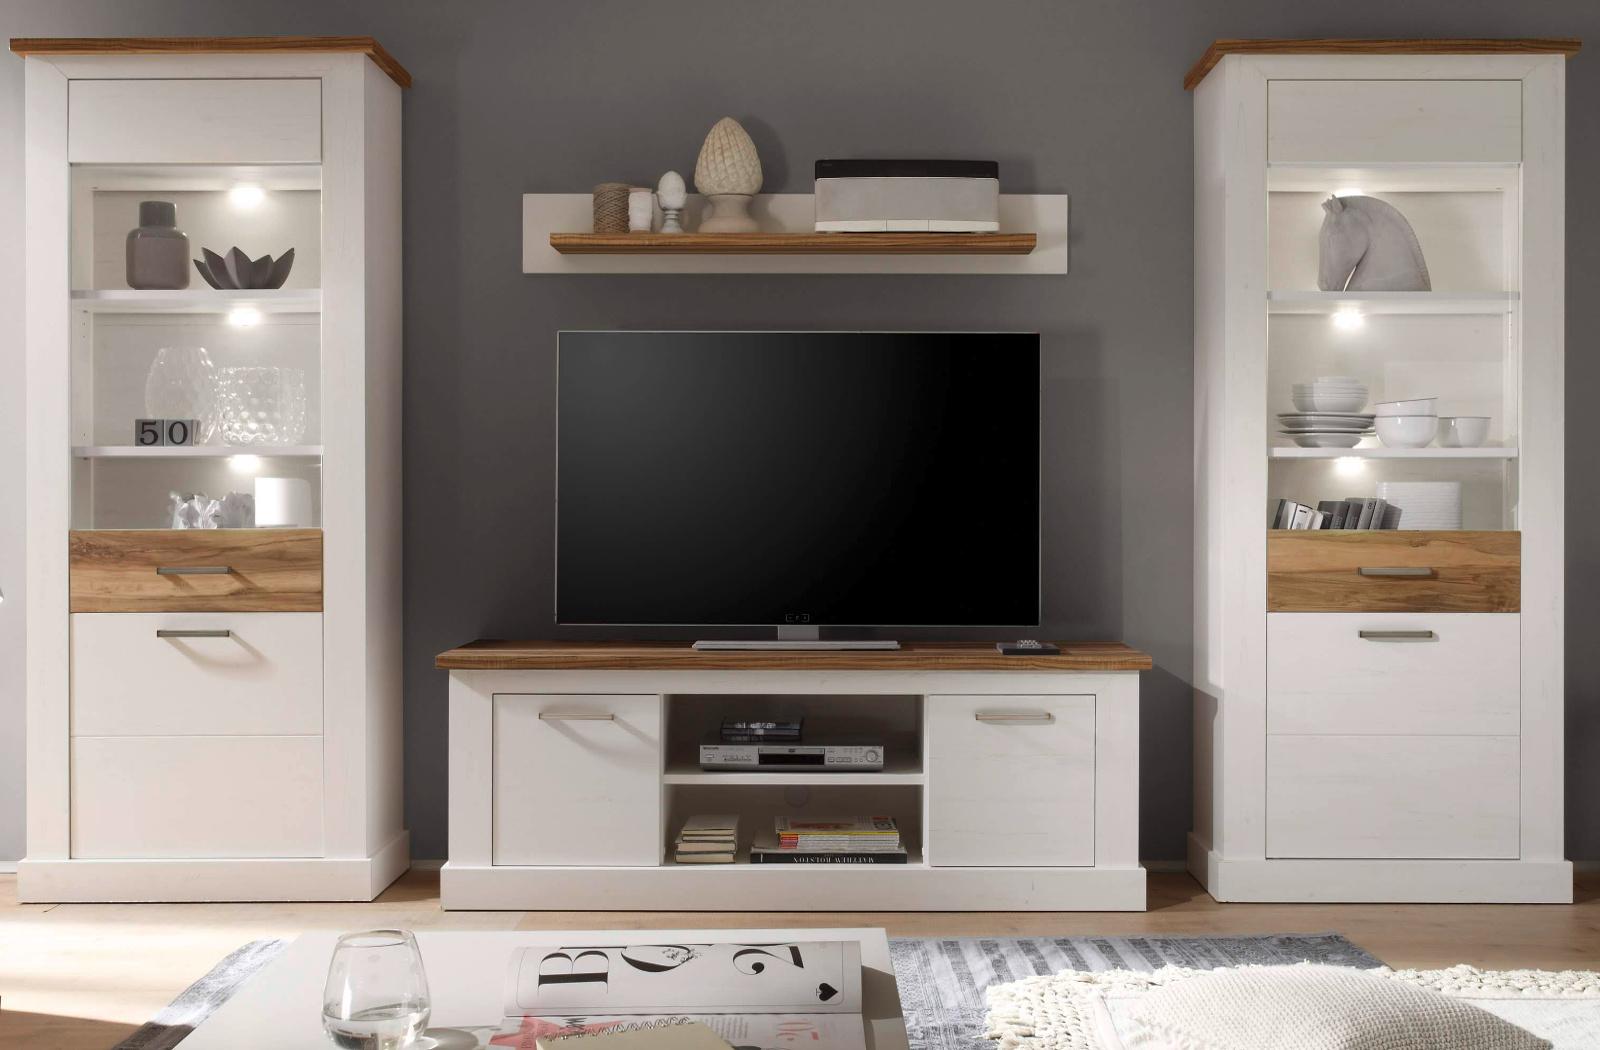 wohnzimmer m bel wohnwand wei pinie nussbaum satin. Black Bedroom Furniture Sets. Home Design Ideas